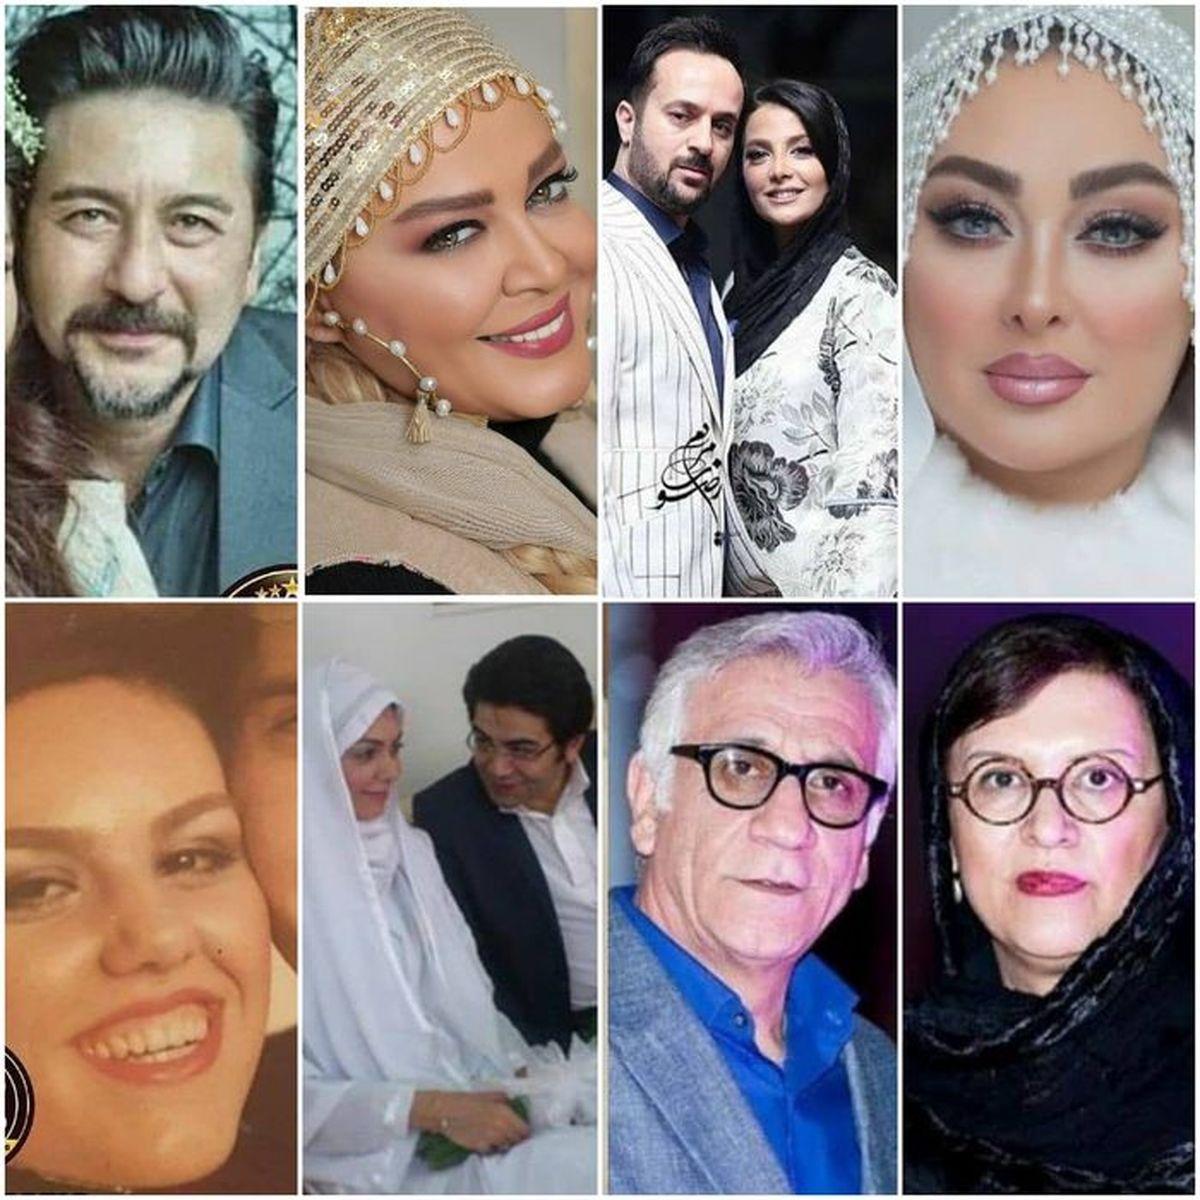 آخرین اخبار و حواشی سلبریتی ها   جشن تولد لاکچری همسر علی پروین